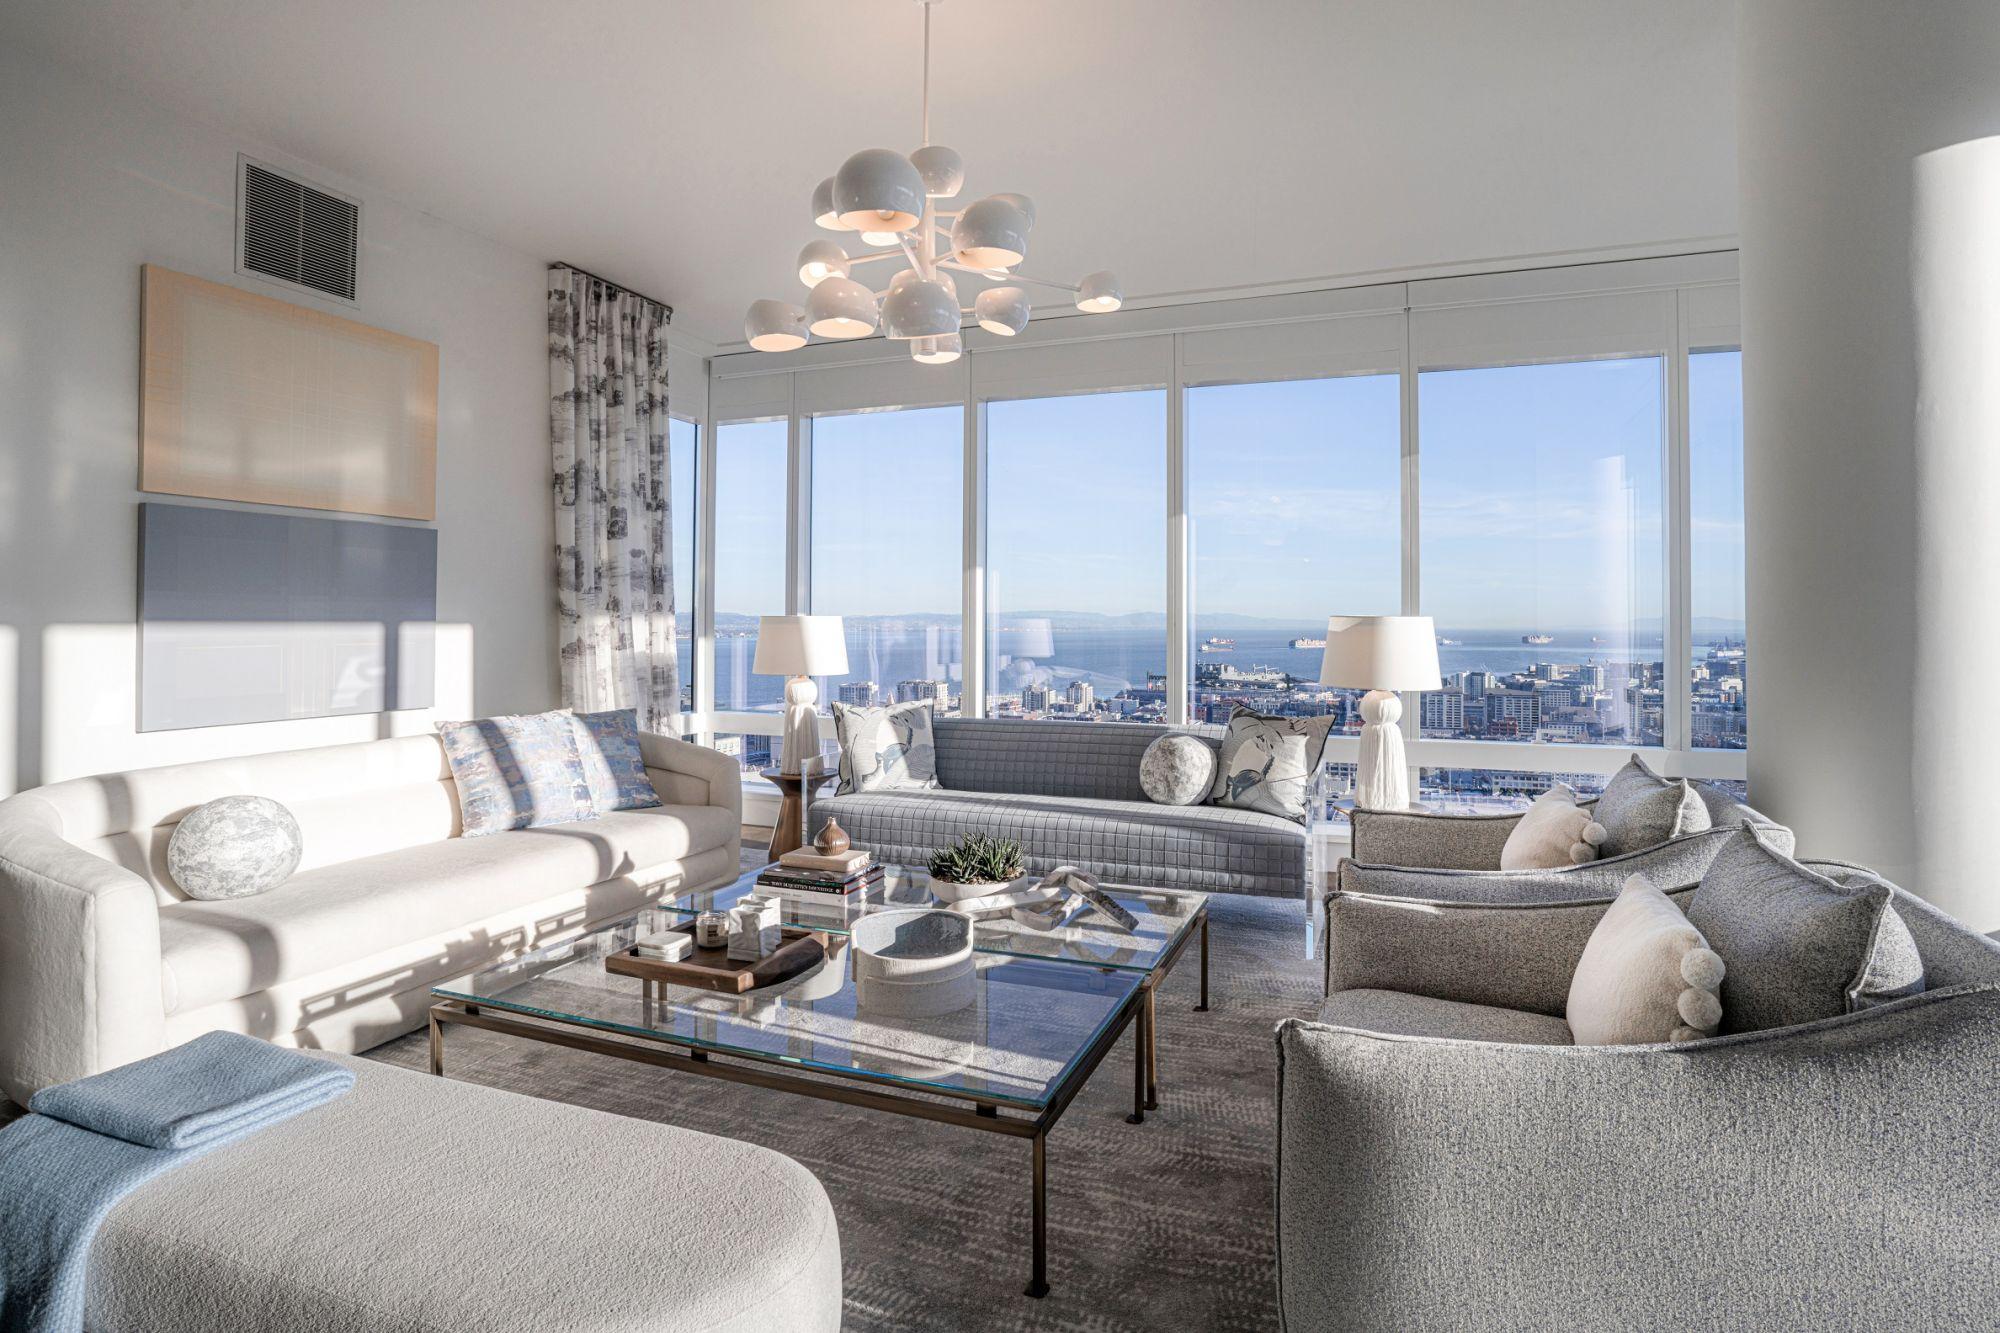 舊金山備受矚目全新豪宅完工!四季酒店旗下奢華住宅內裝搶先看